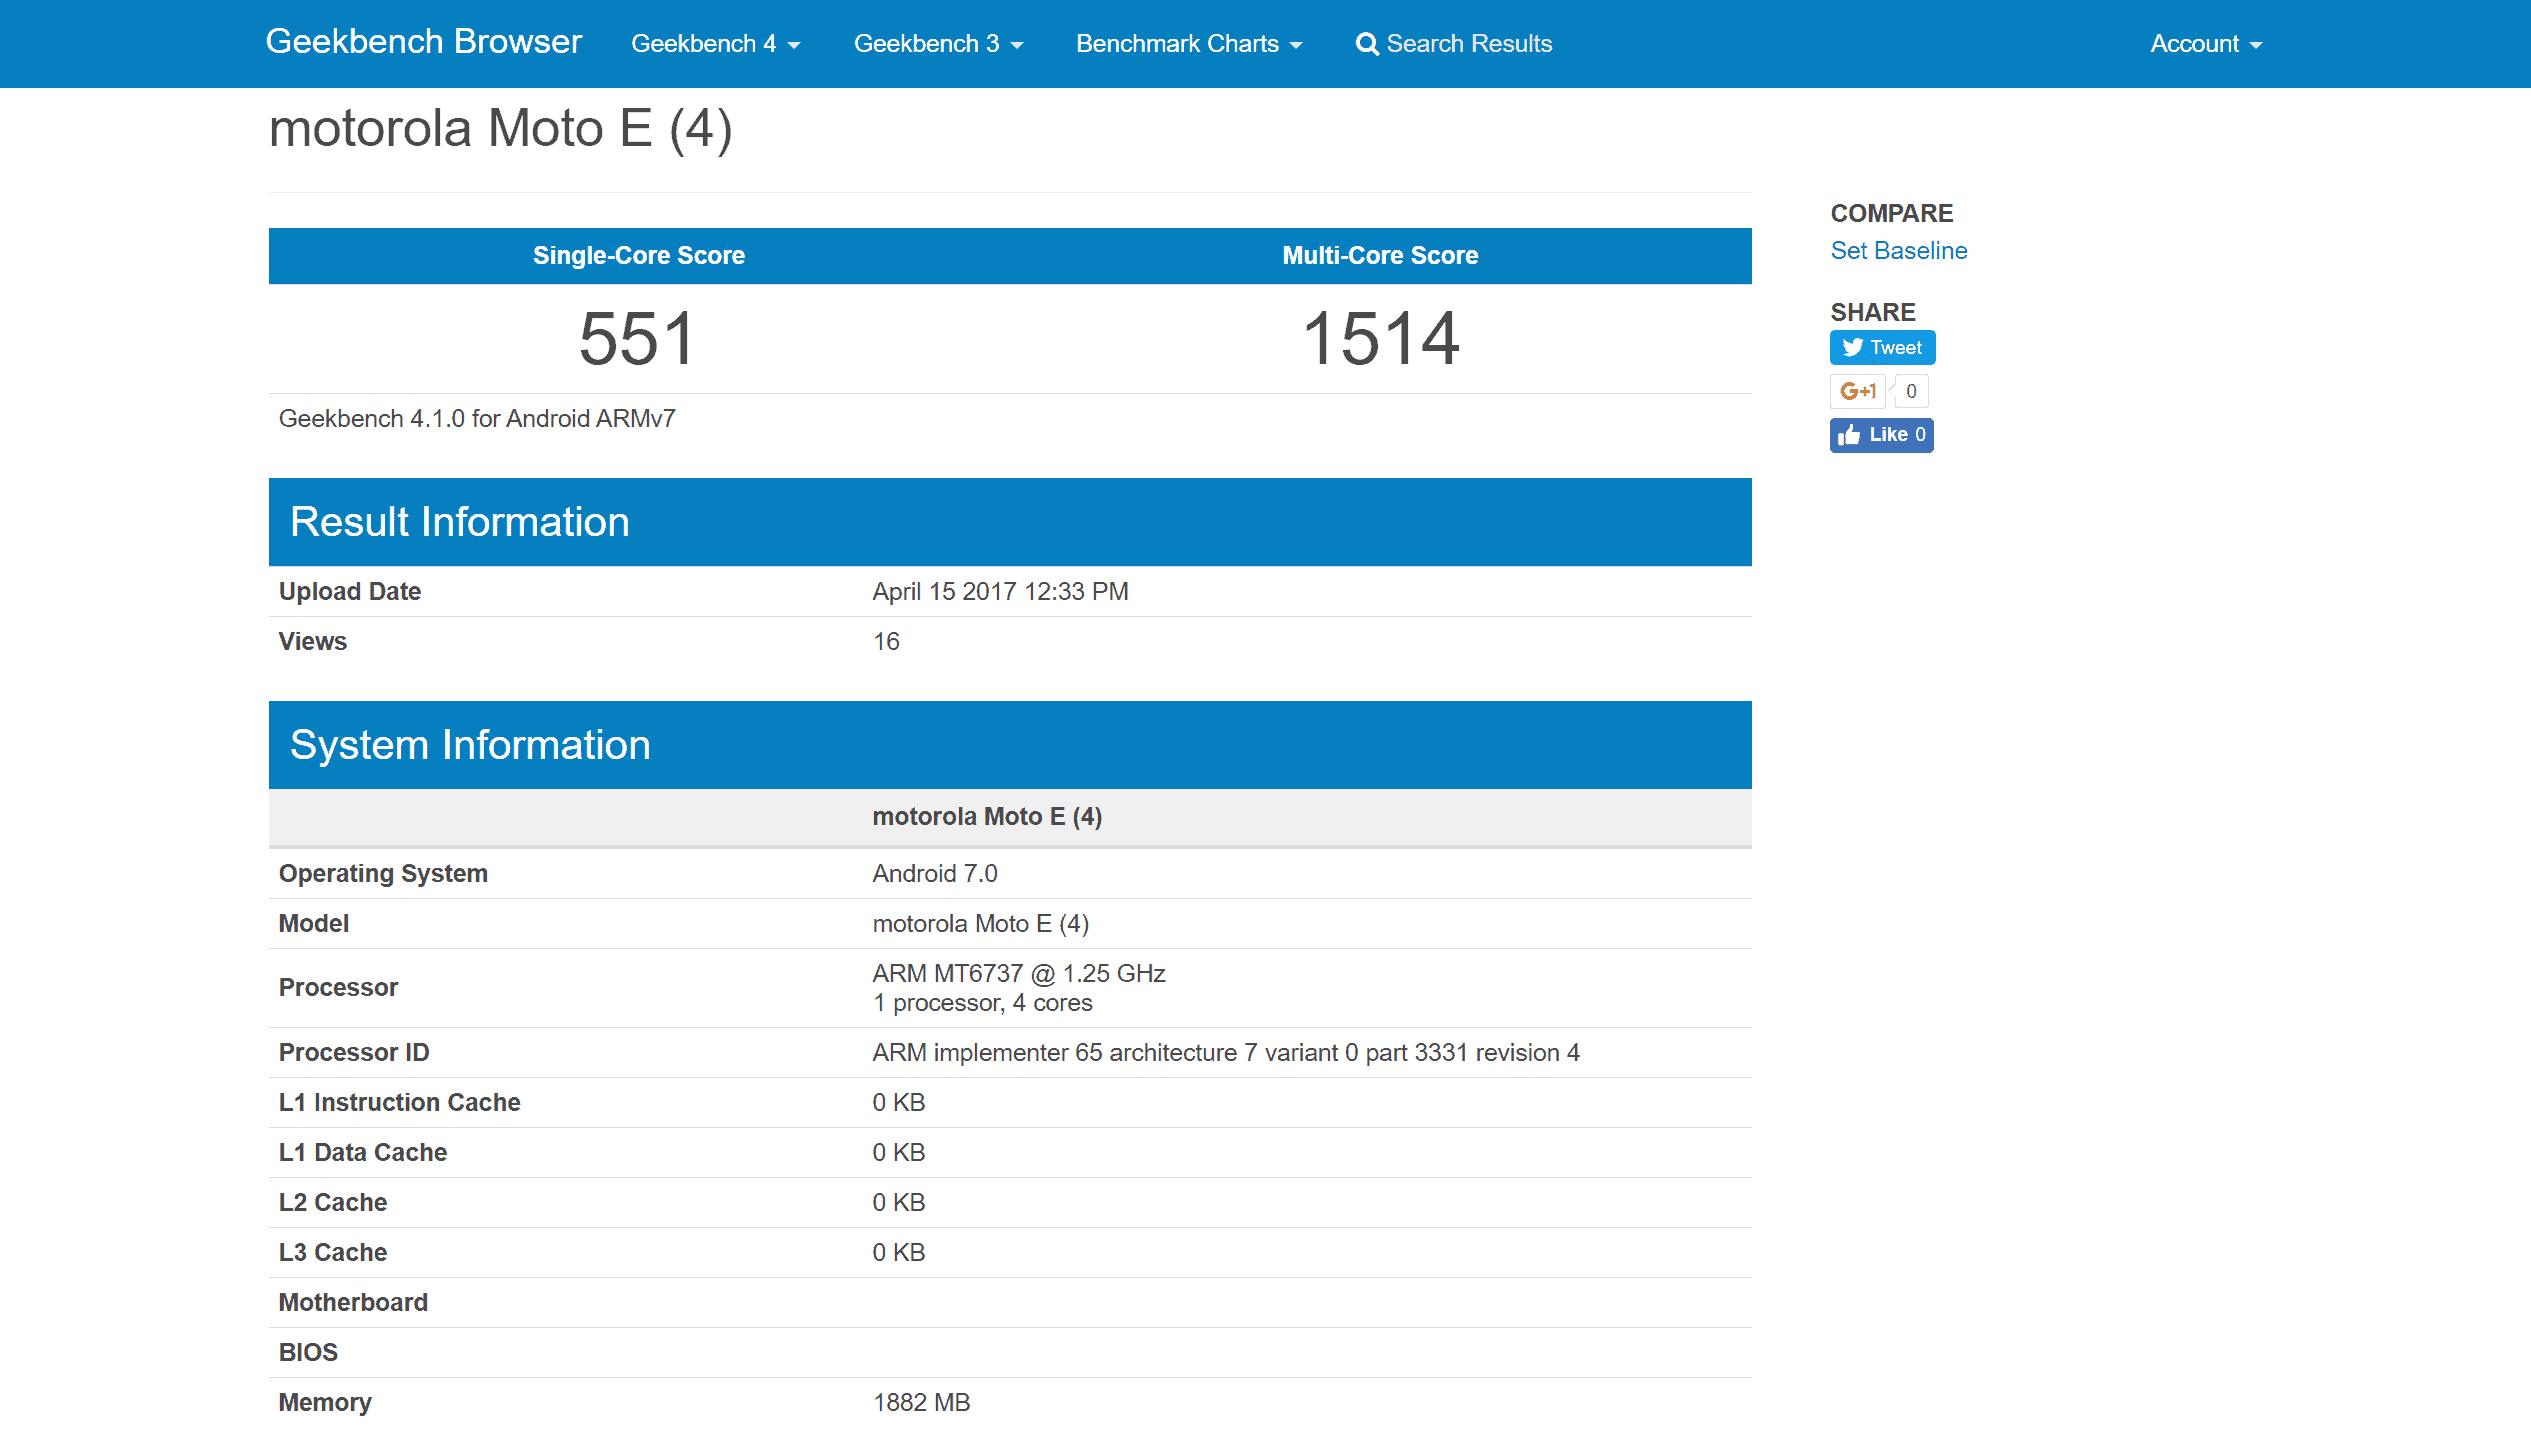 Moto E4 Geekbench 4